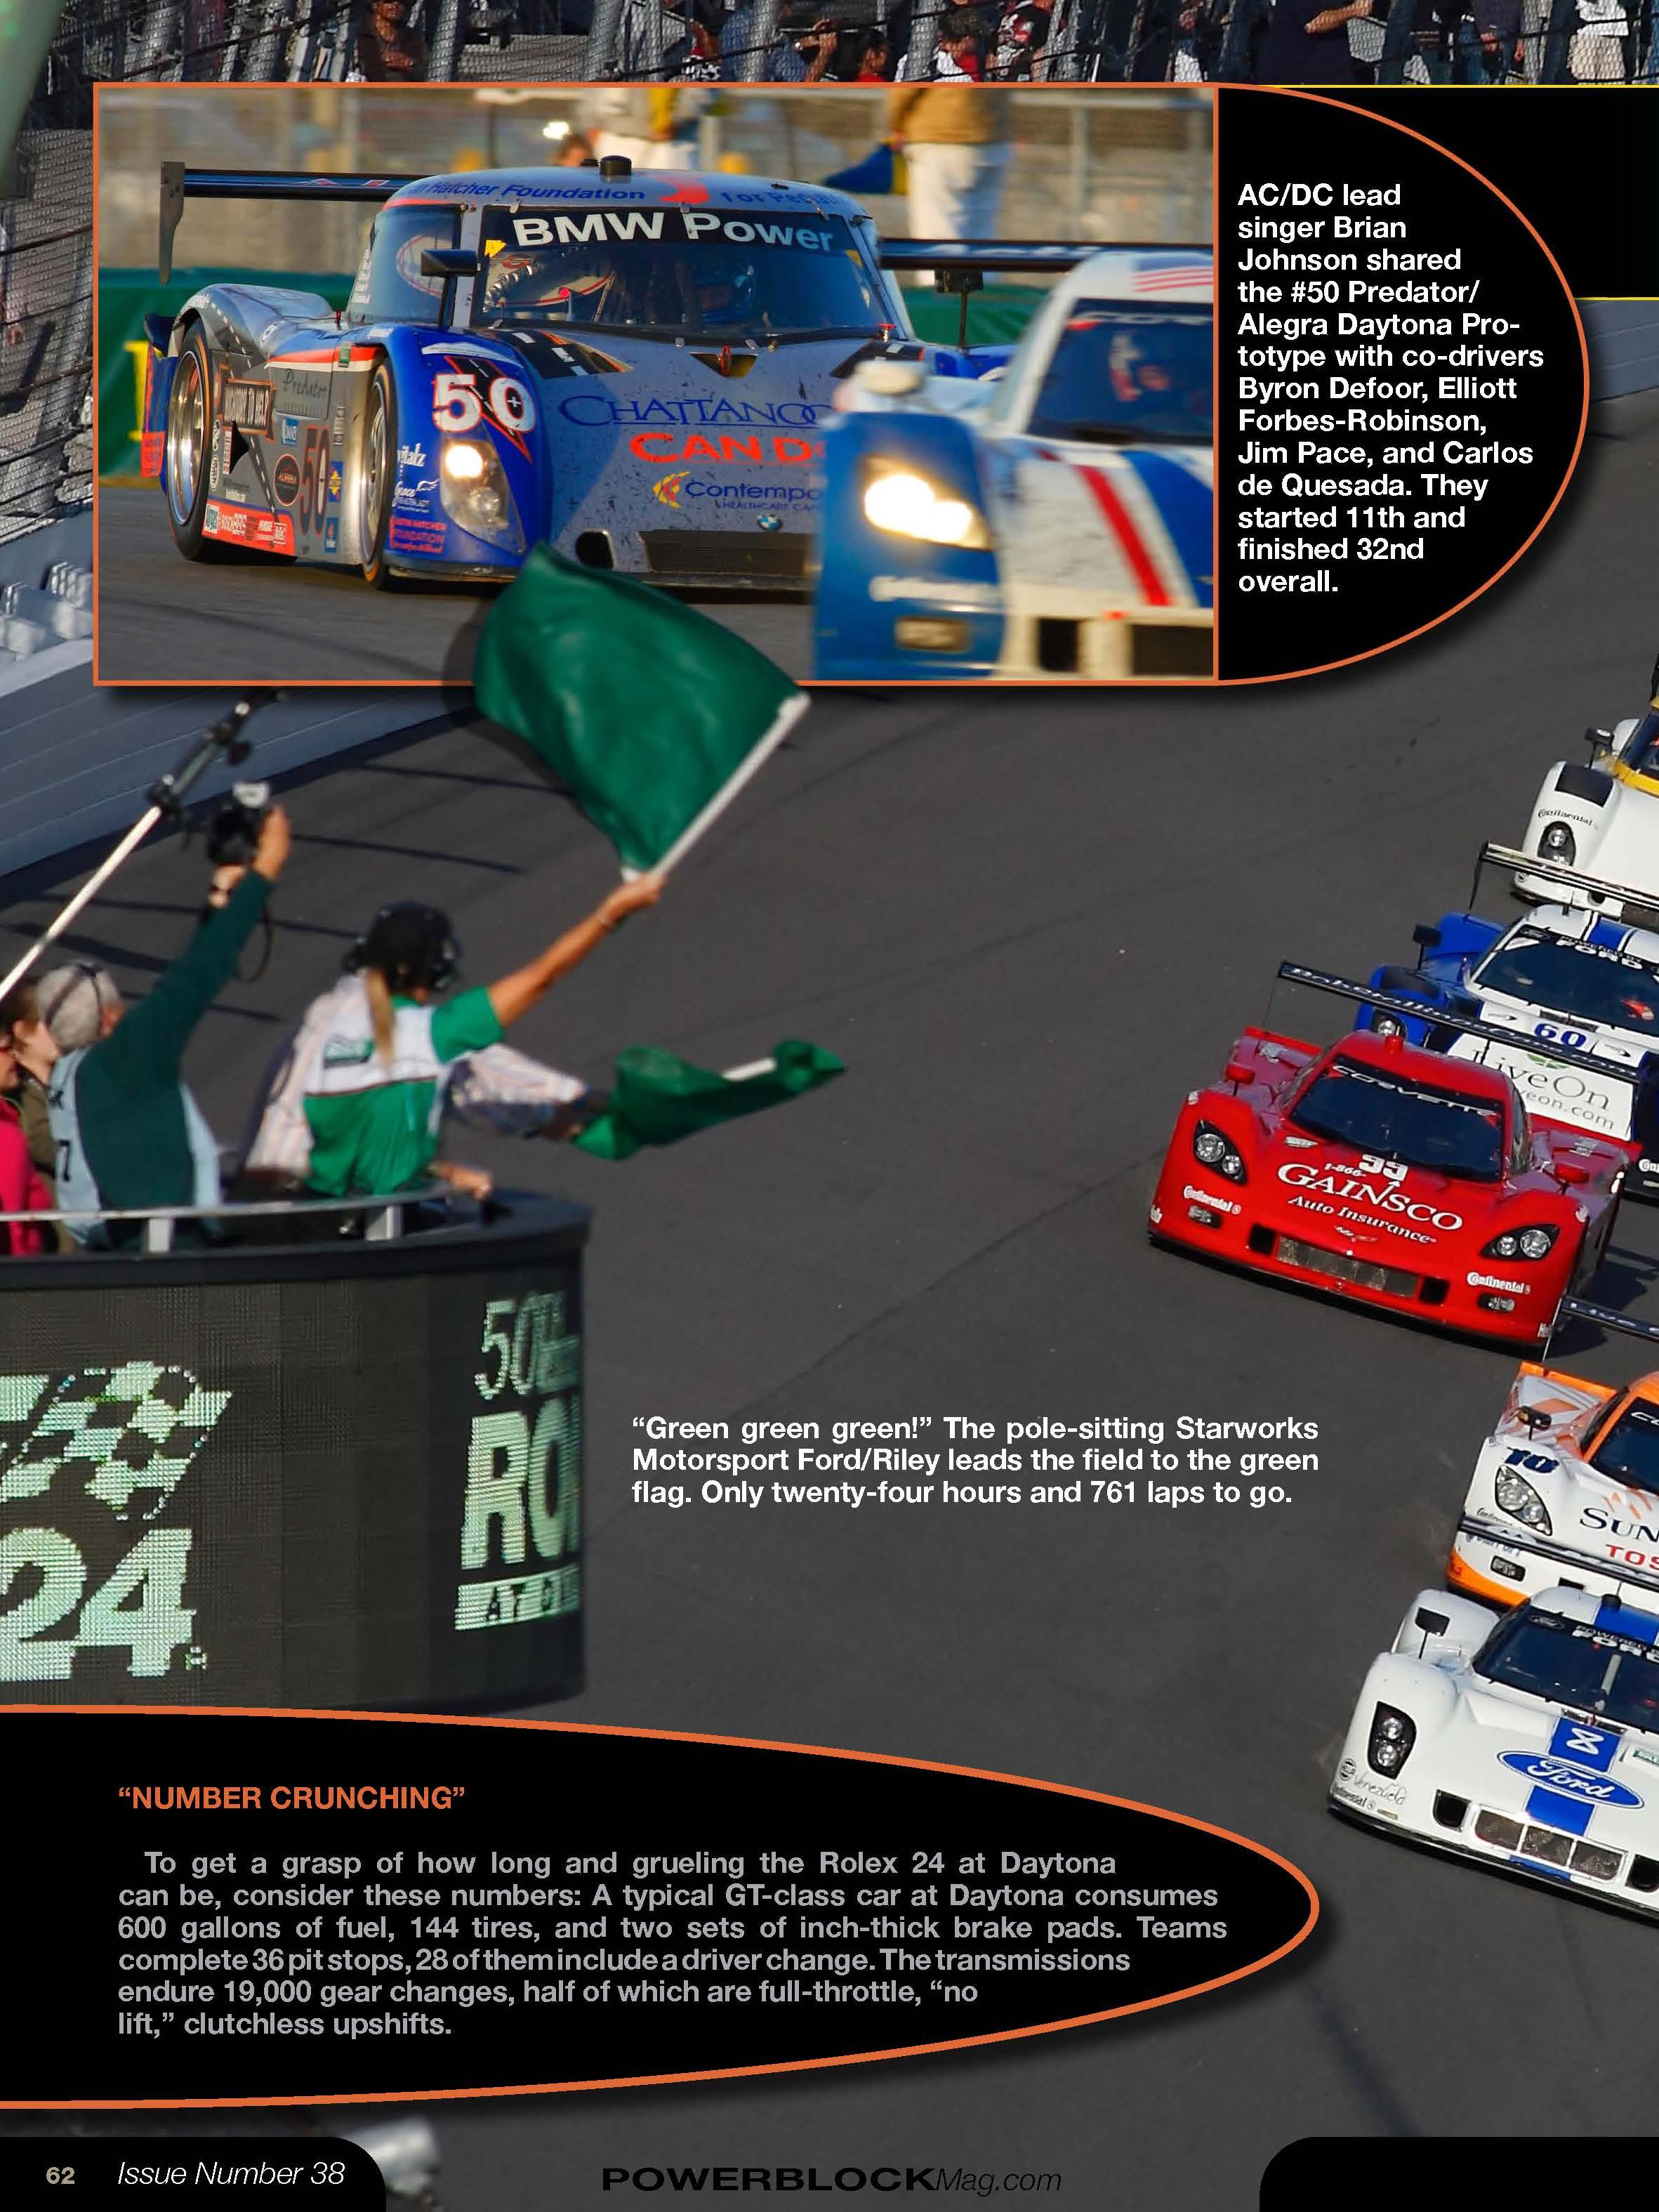 powerblockmagazine_issue38_rolex24_Page_08.jpg